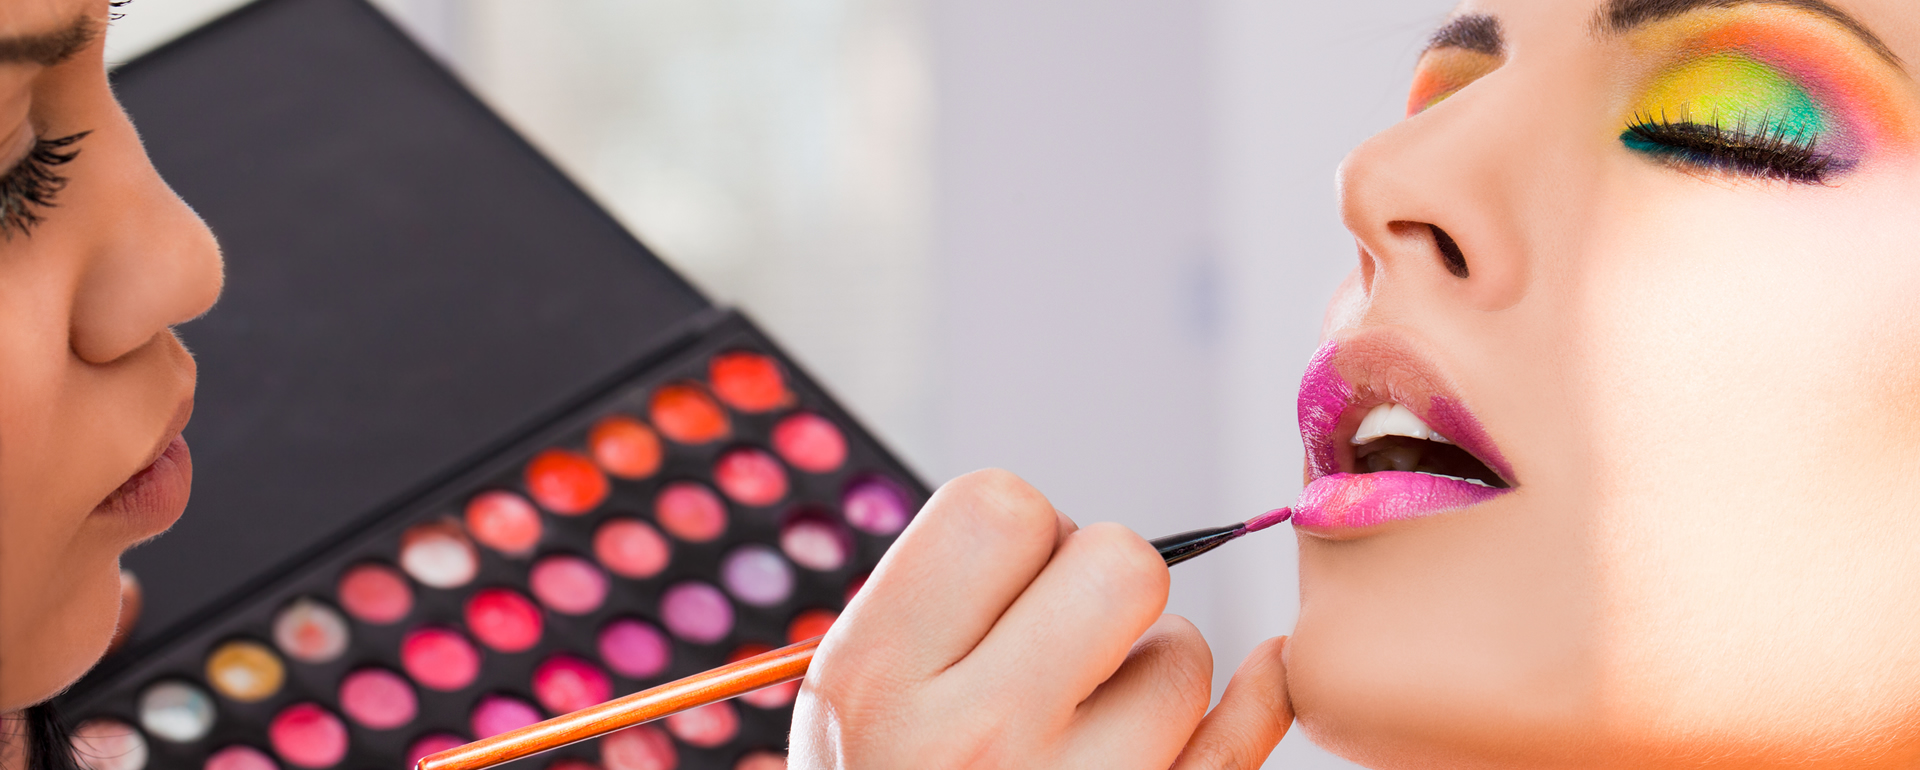 7 Lucruri pe care să nu le spui niciodată Makeup Artistului tău